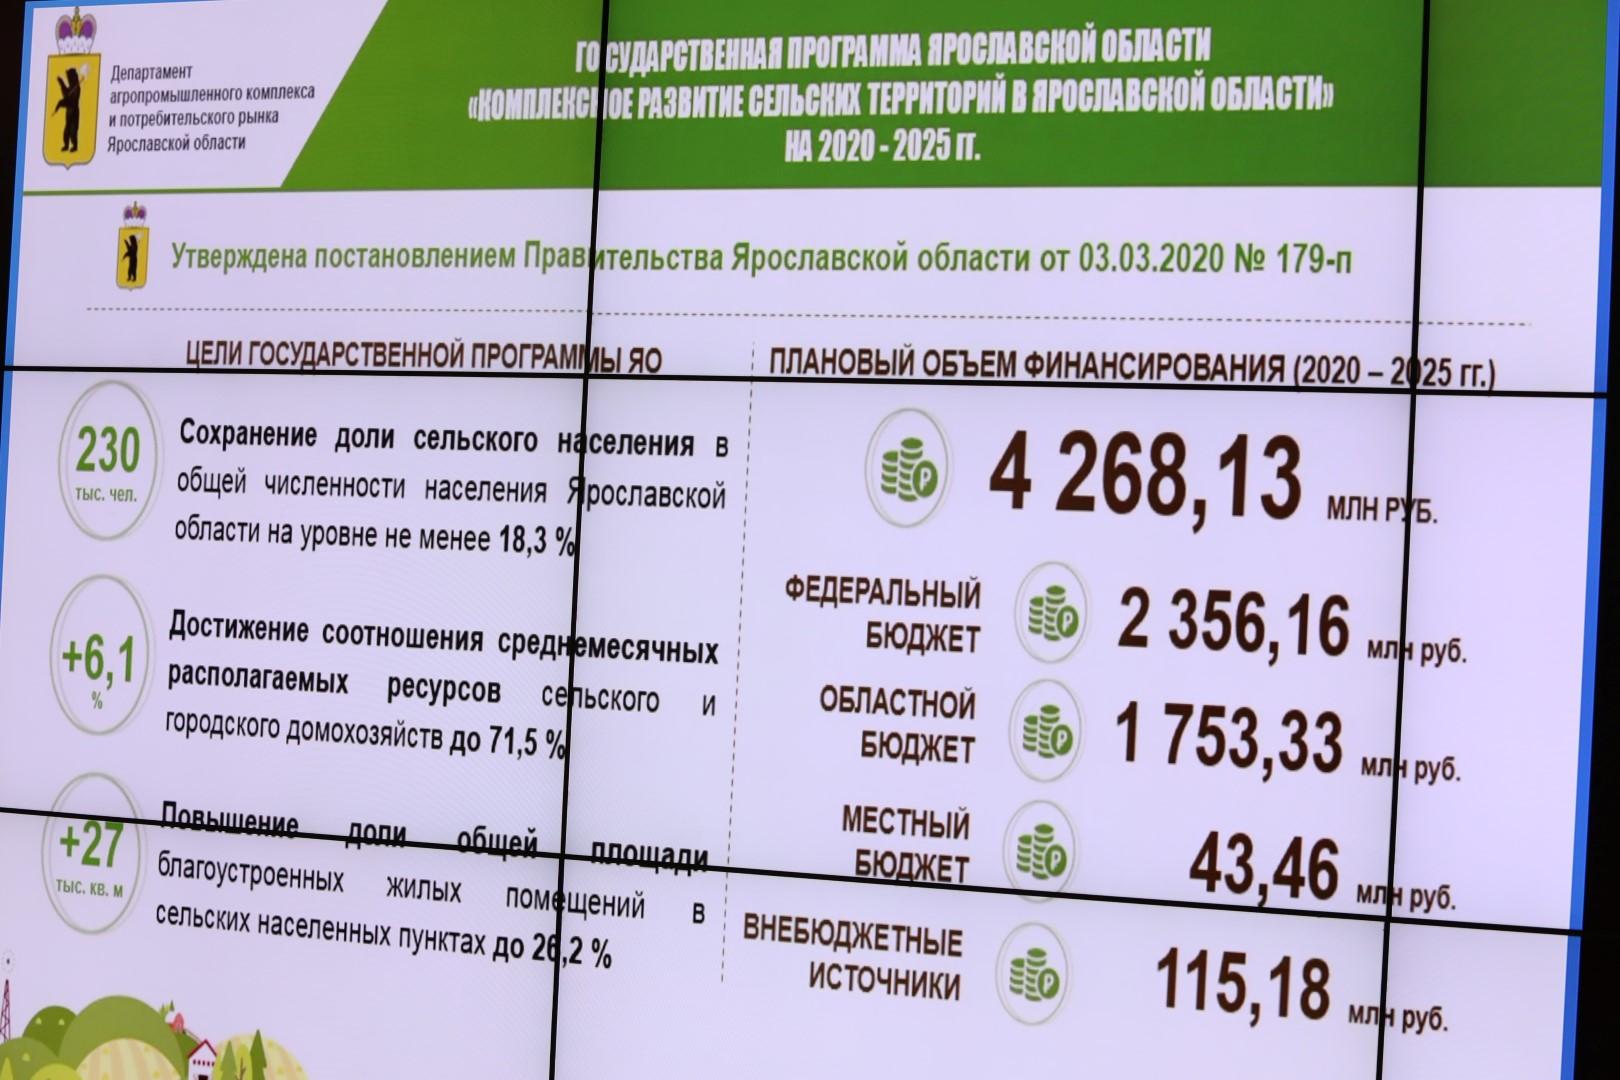 Дмитрий Миронов: на развитие ярославских сел до 2025 года направят более четырех миллиардов рублей